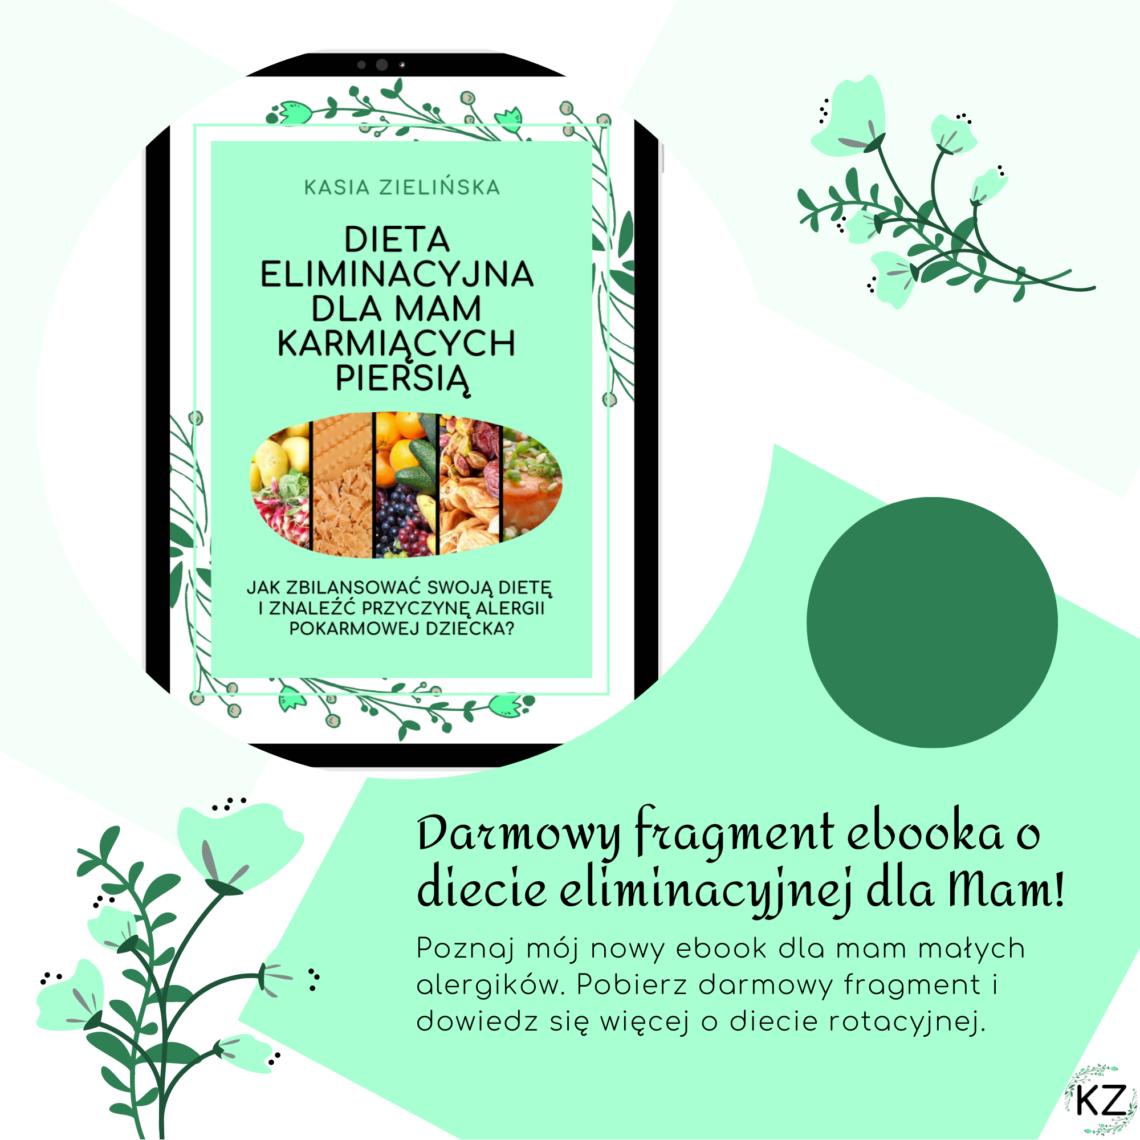 darmowy fragment ebooka, ebook o diecie eliminacyjnej, książka o diecie eliminacyjnej, jak szukać alergenów, jak znaleźć alergeny, dieta rotacyjna, dieta eliminacyjno-rotacyjna